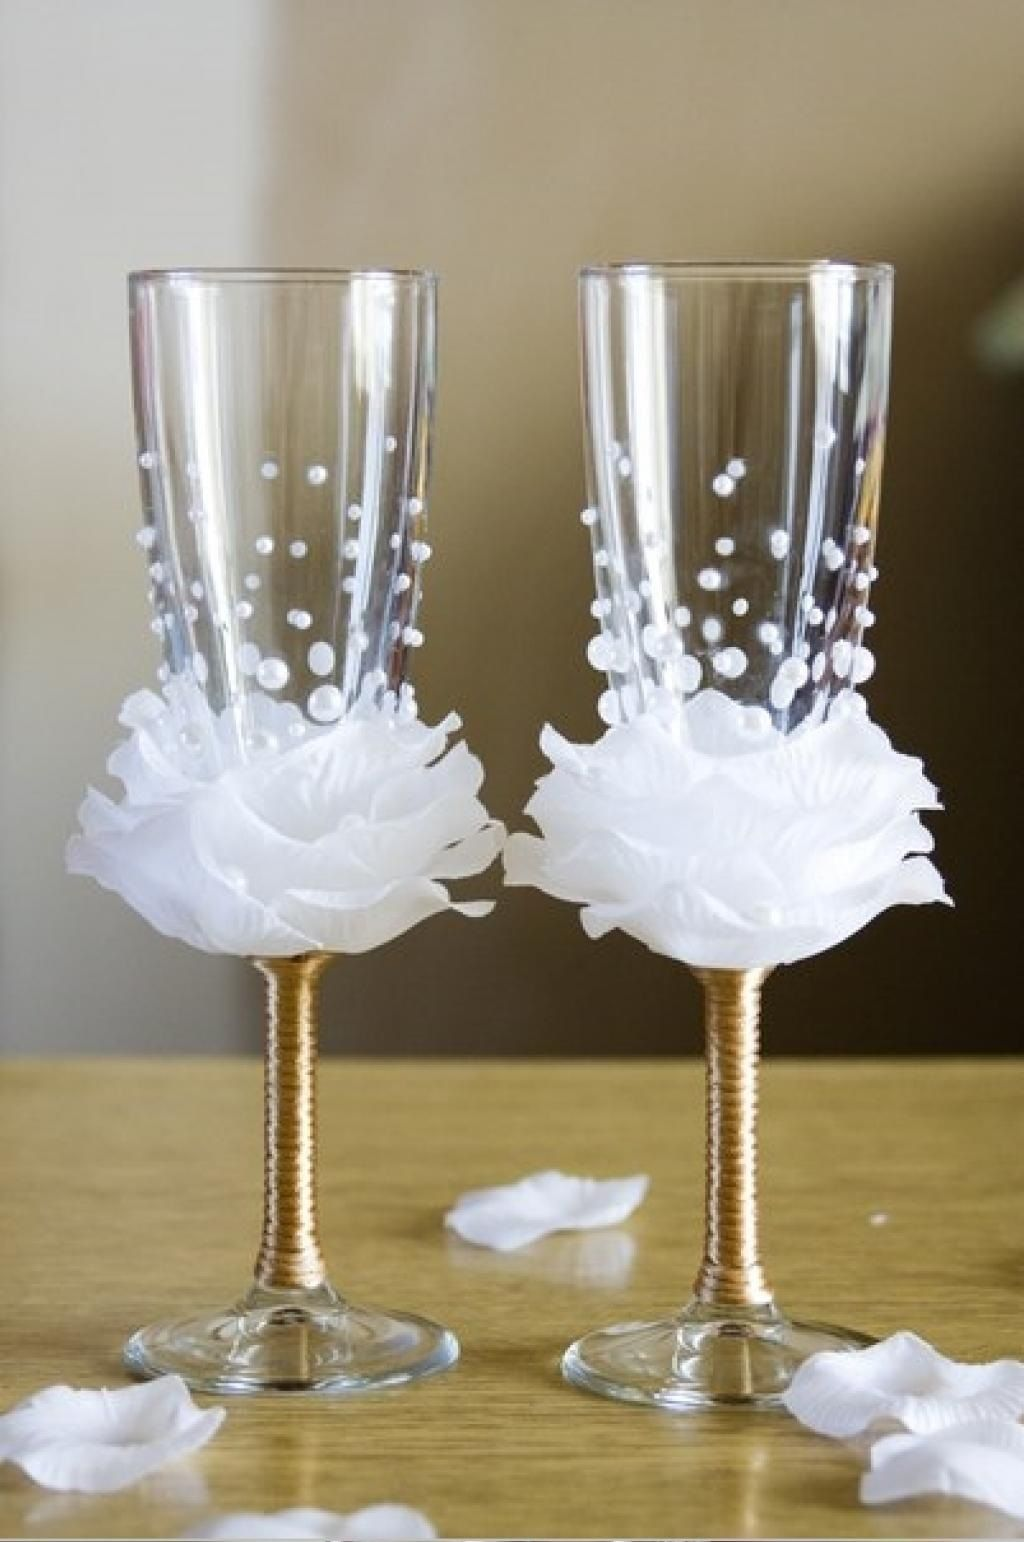 Comment Decorer Des Flutes A Champagne 3 Idees Mariage Wedding